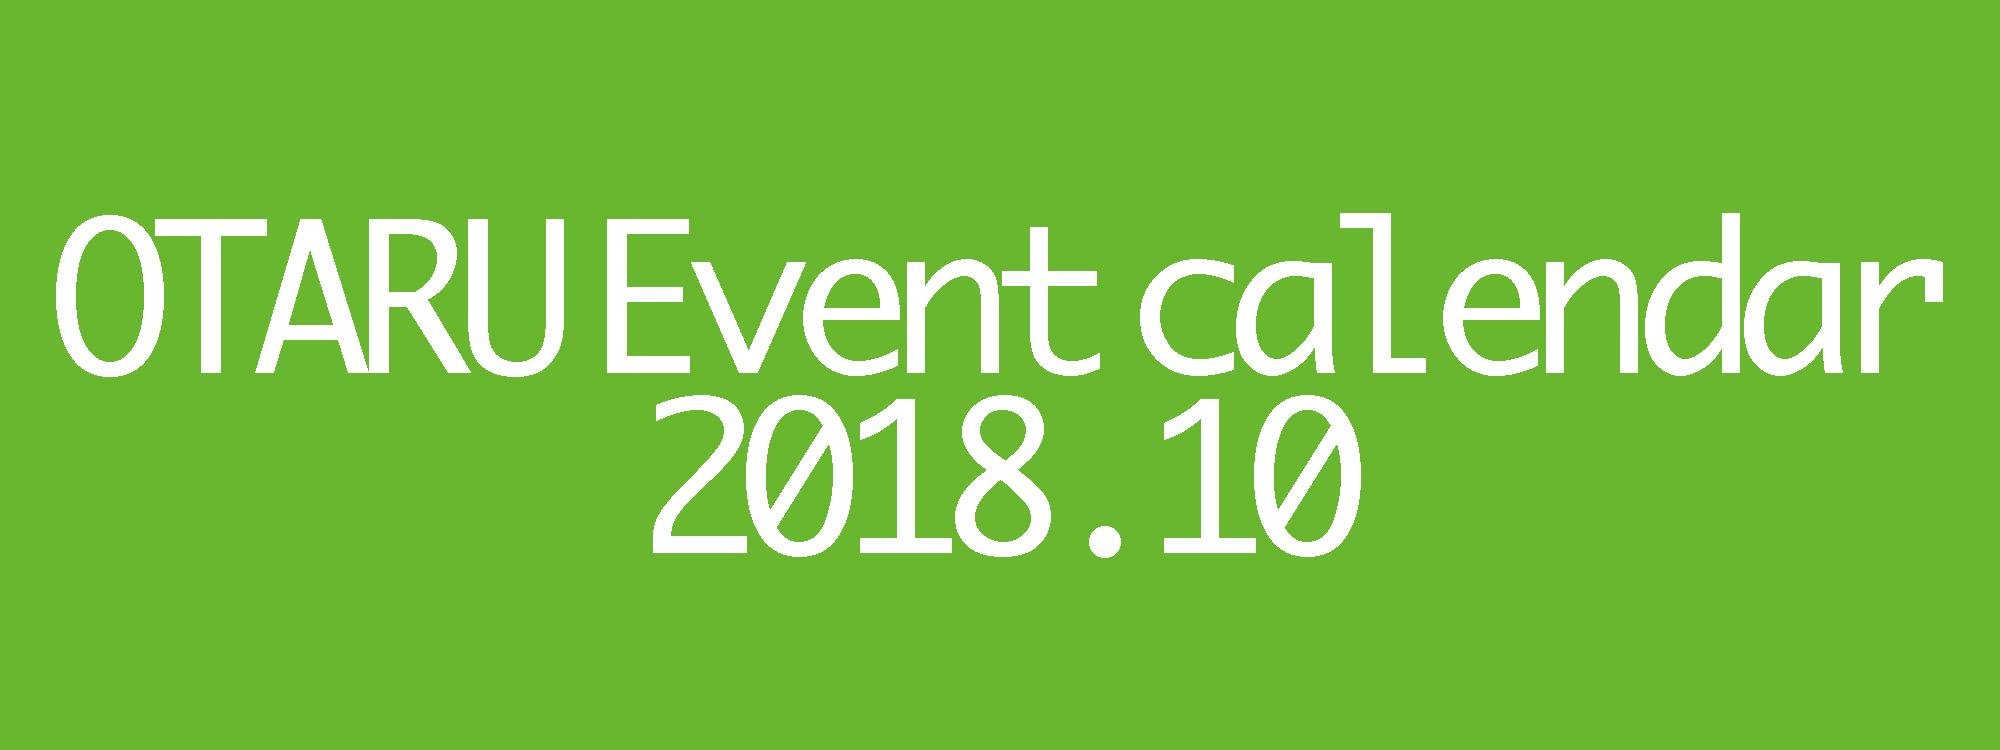 小樽イベントカレンダー2018.10